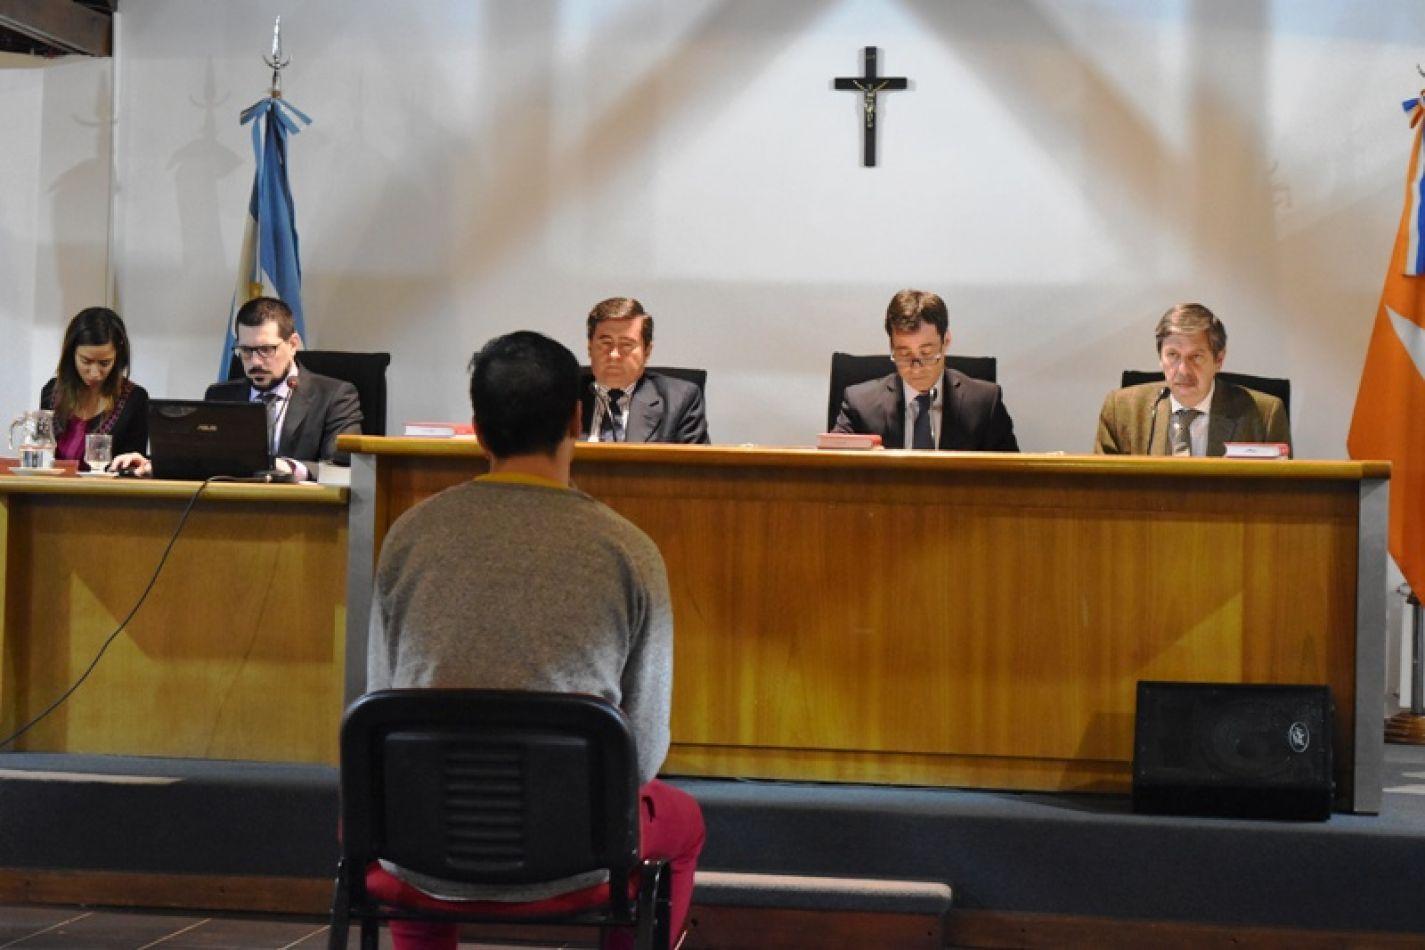 Acusado de asesinar a Altamiranda declaró y mañana se desarrollan alegatos